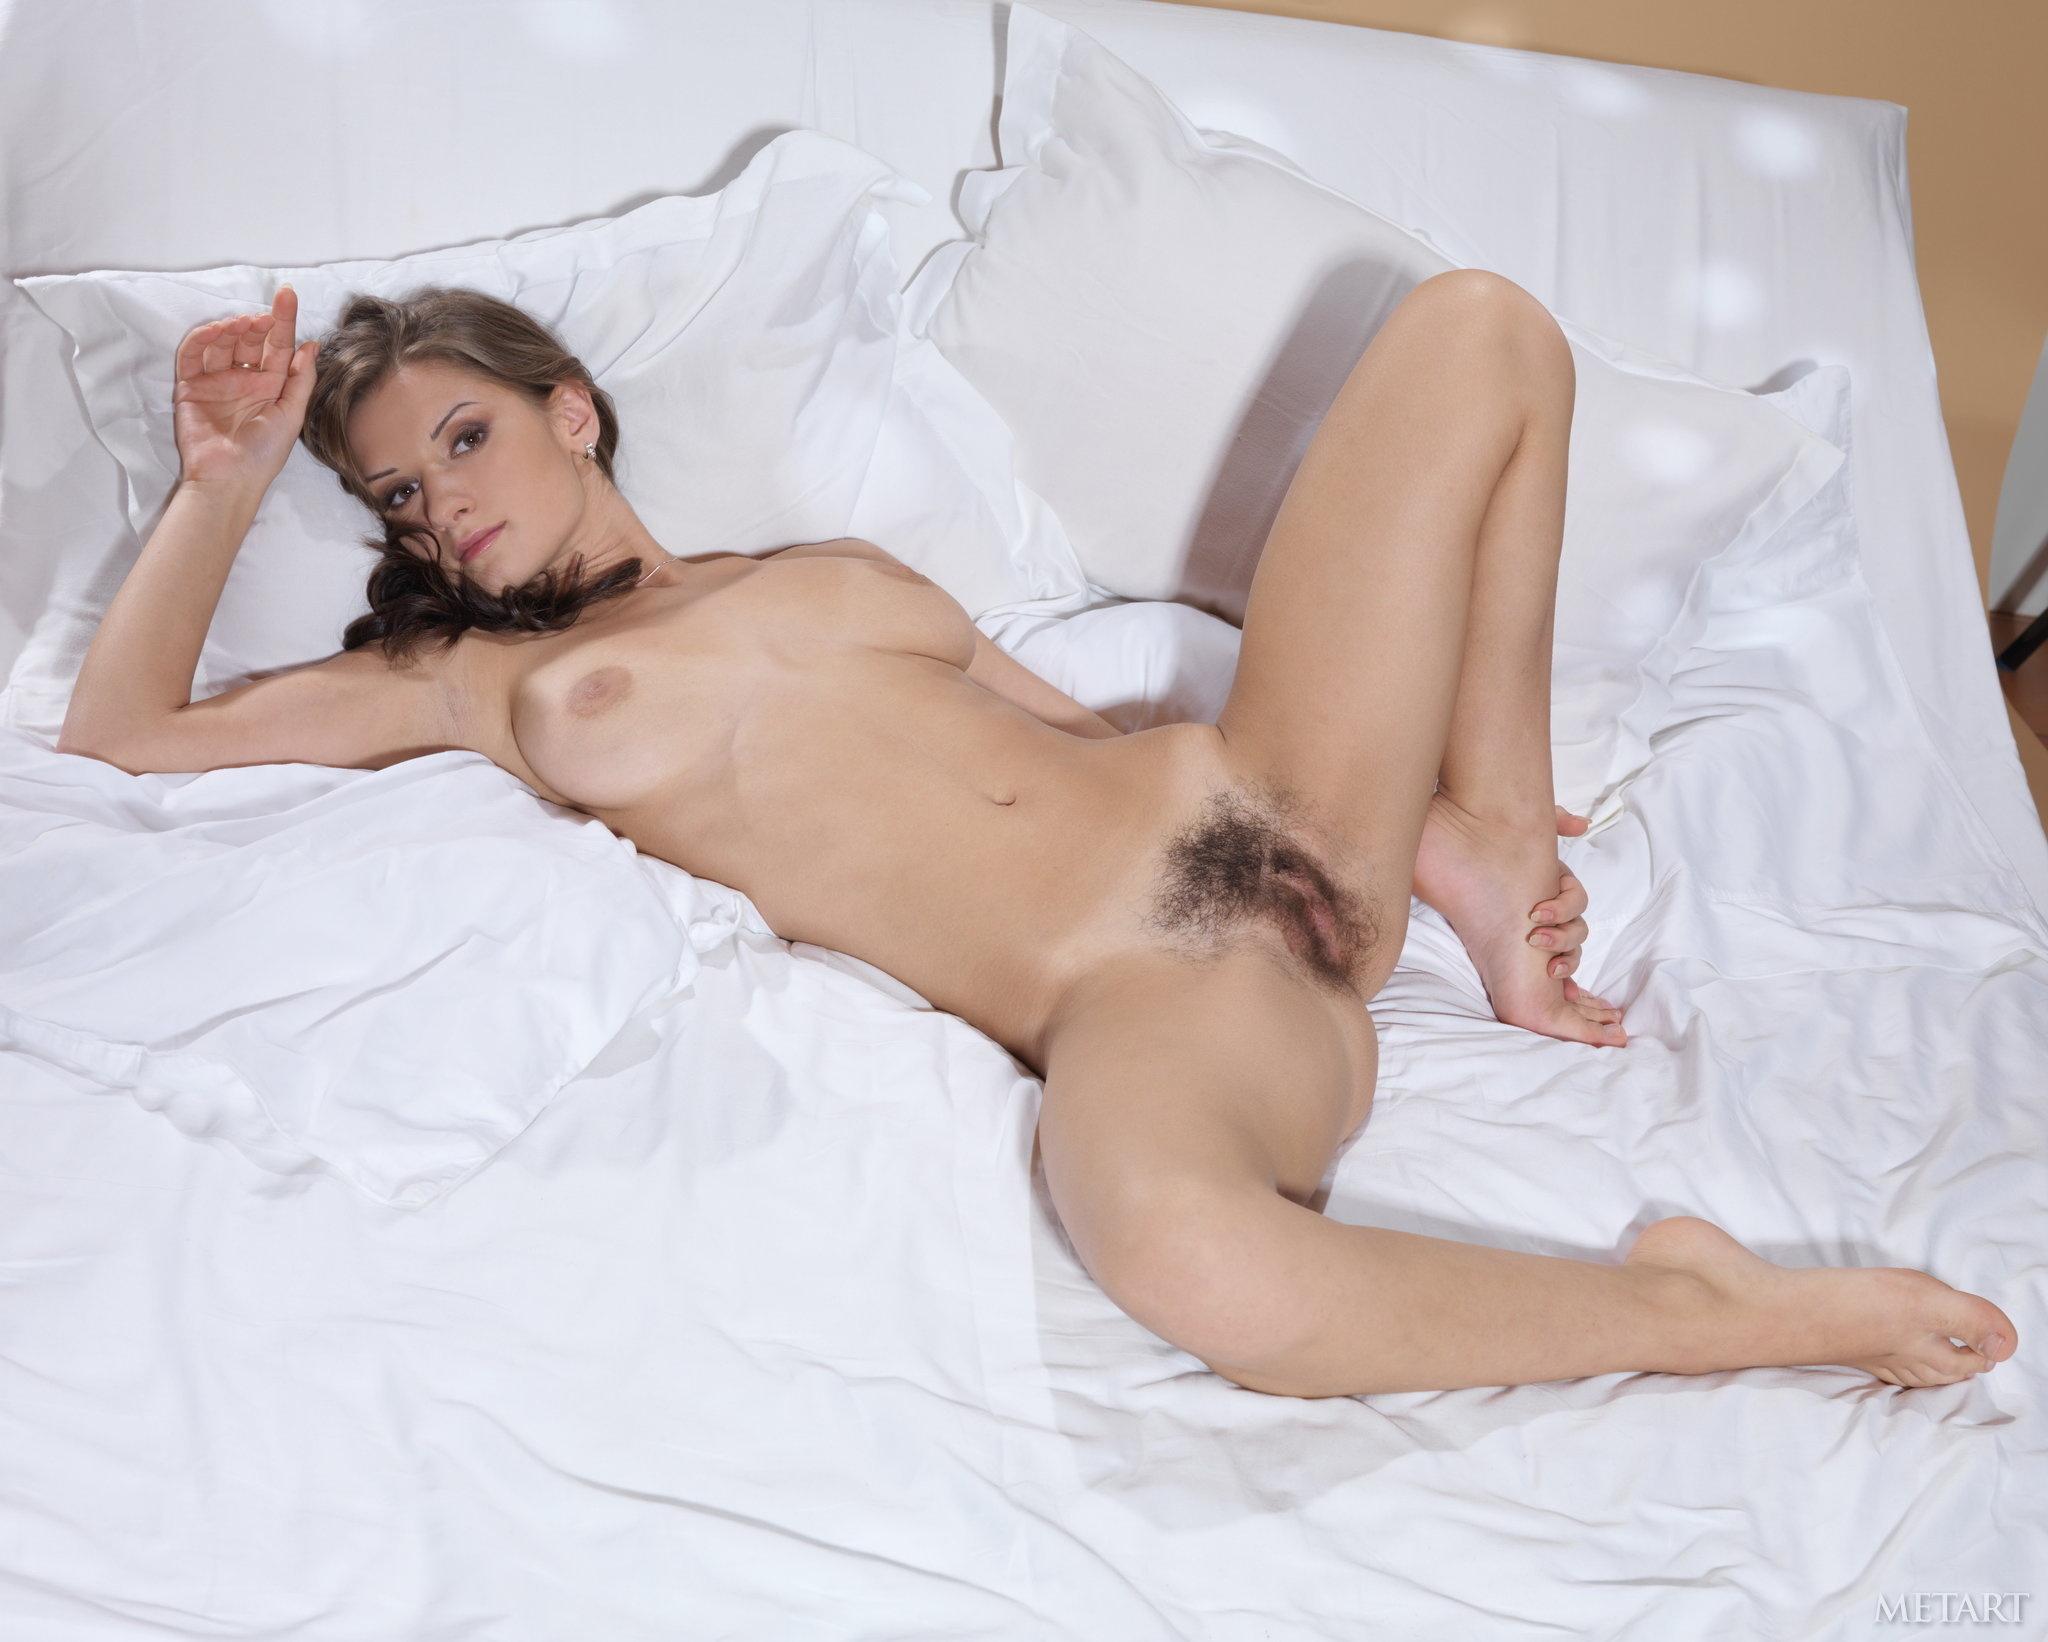 Alina H Picture Porno wallpaper sexy, hot, nude, babe, white, bed, diva, model